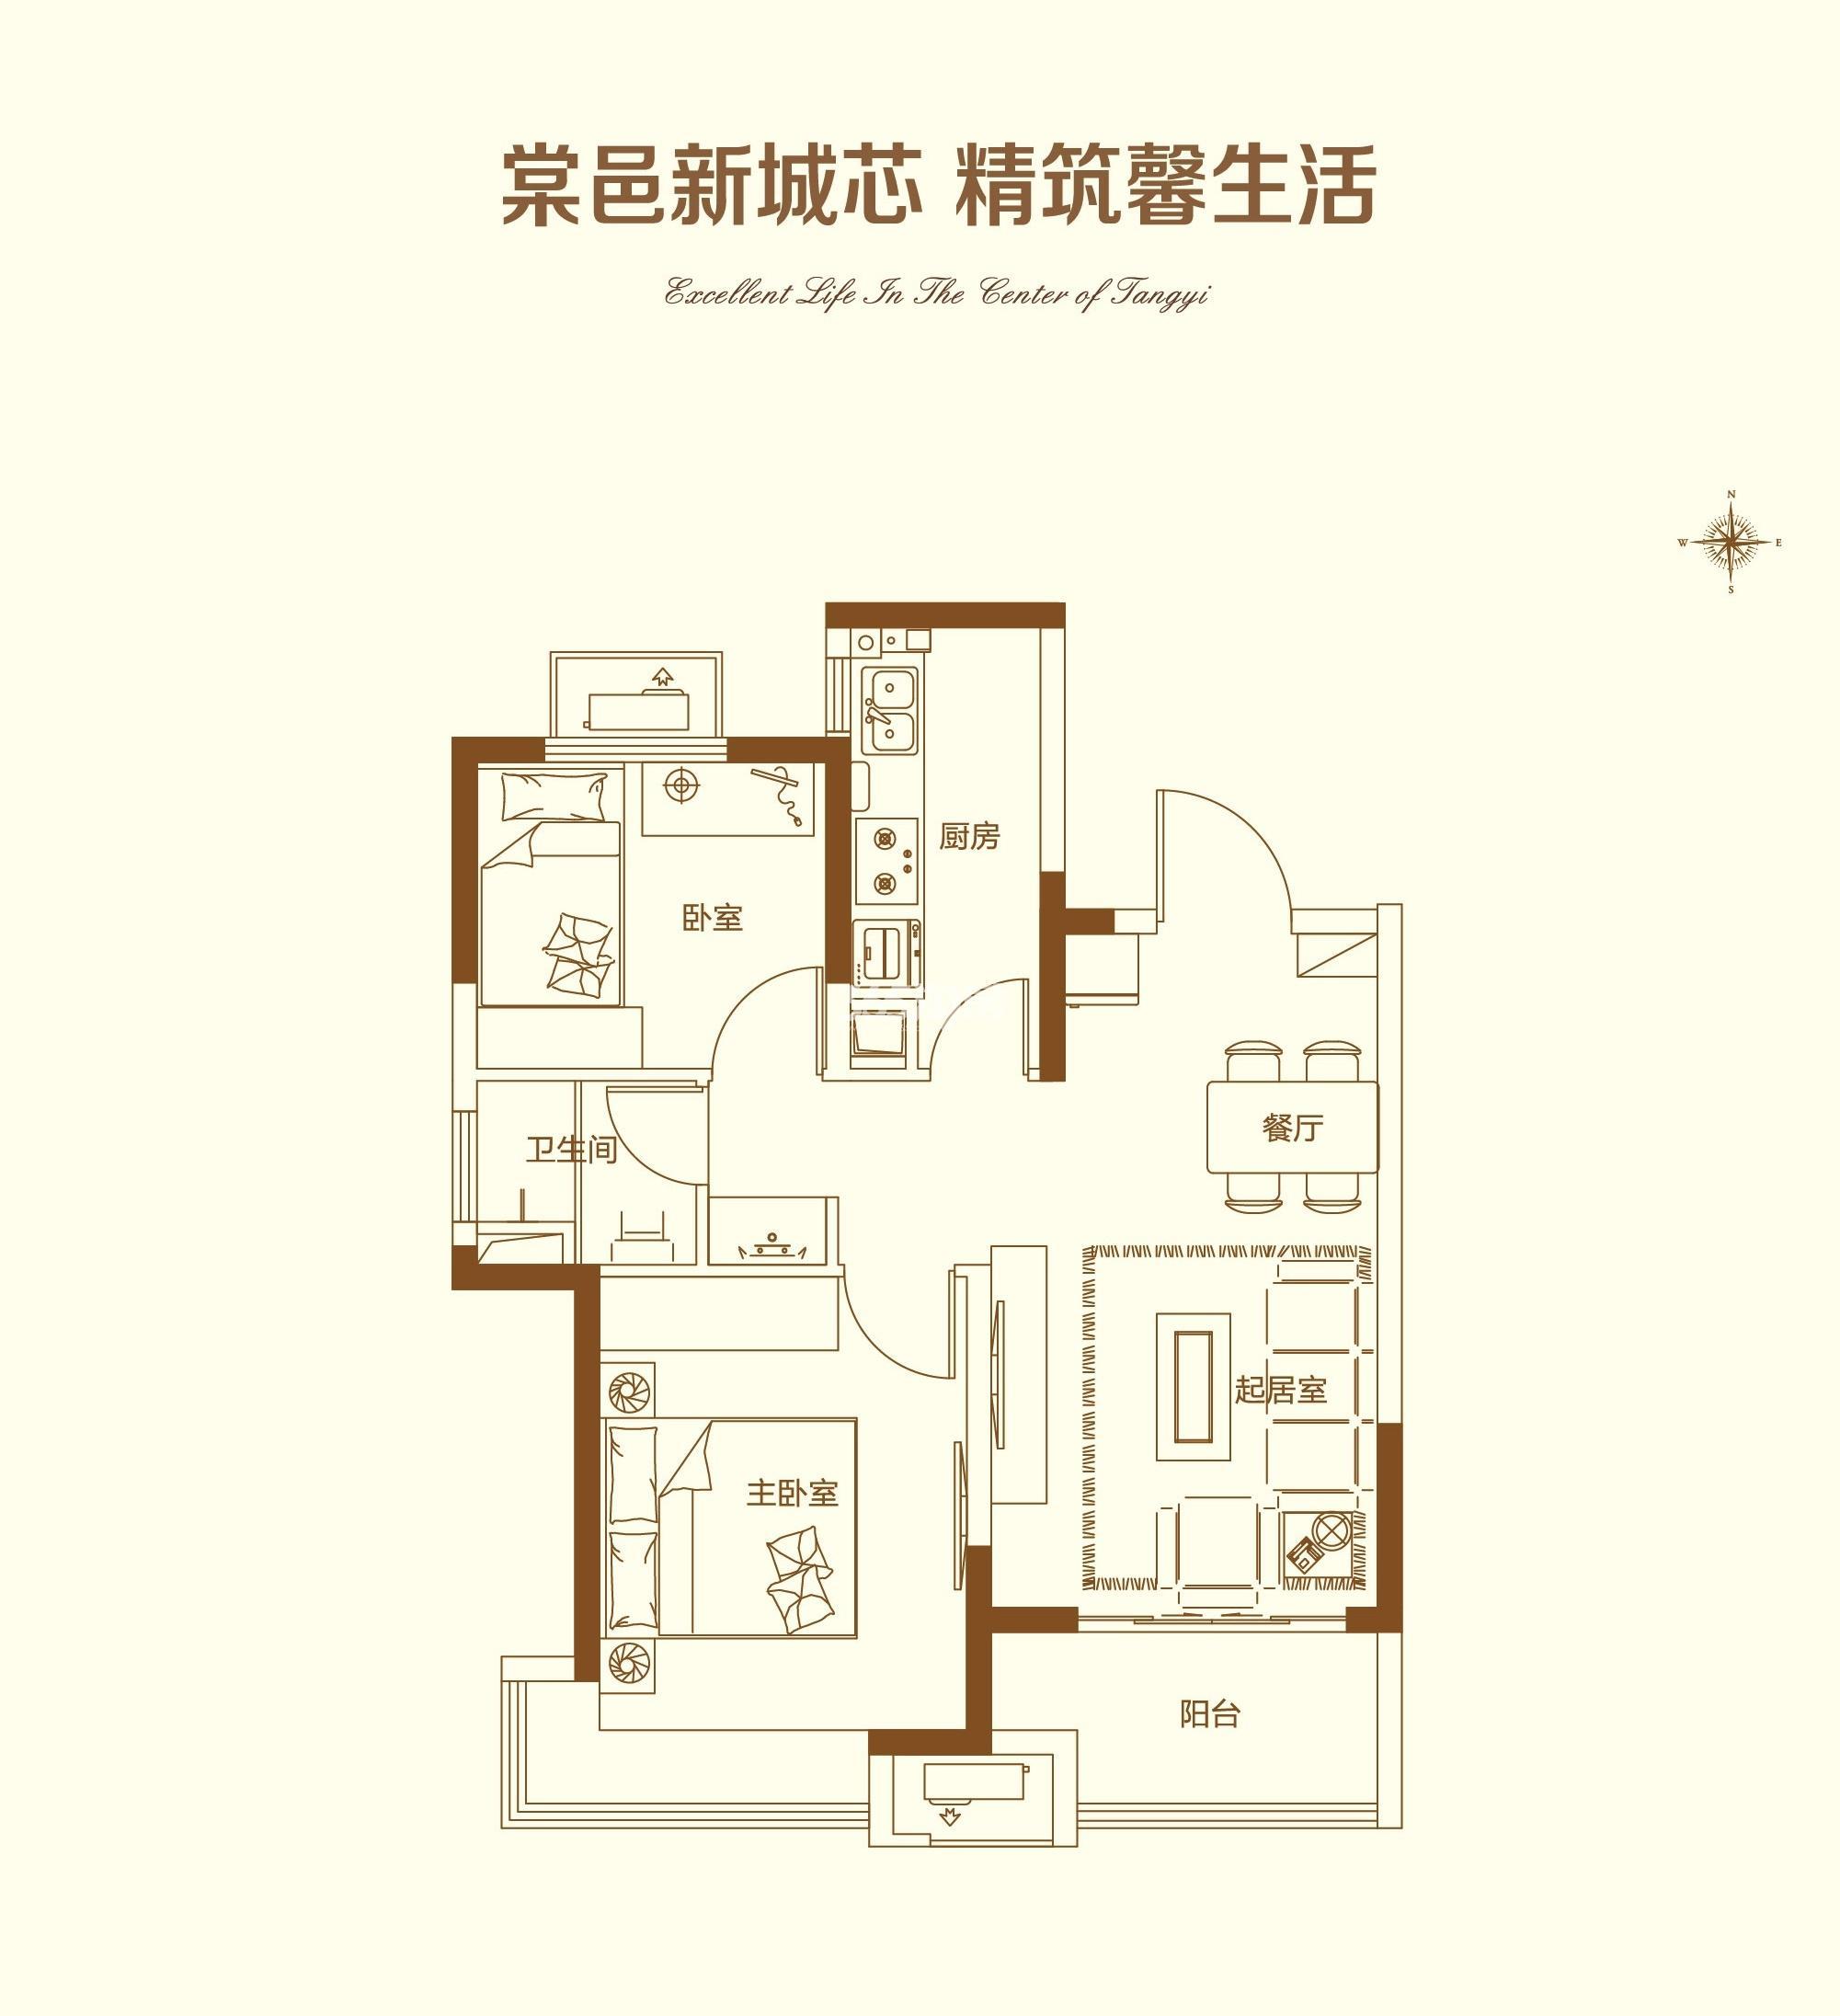 荣盛茉湖书苑75㎡A1两室两厅户型